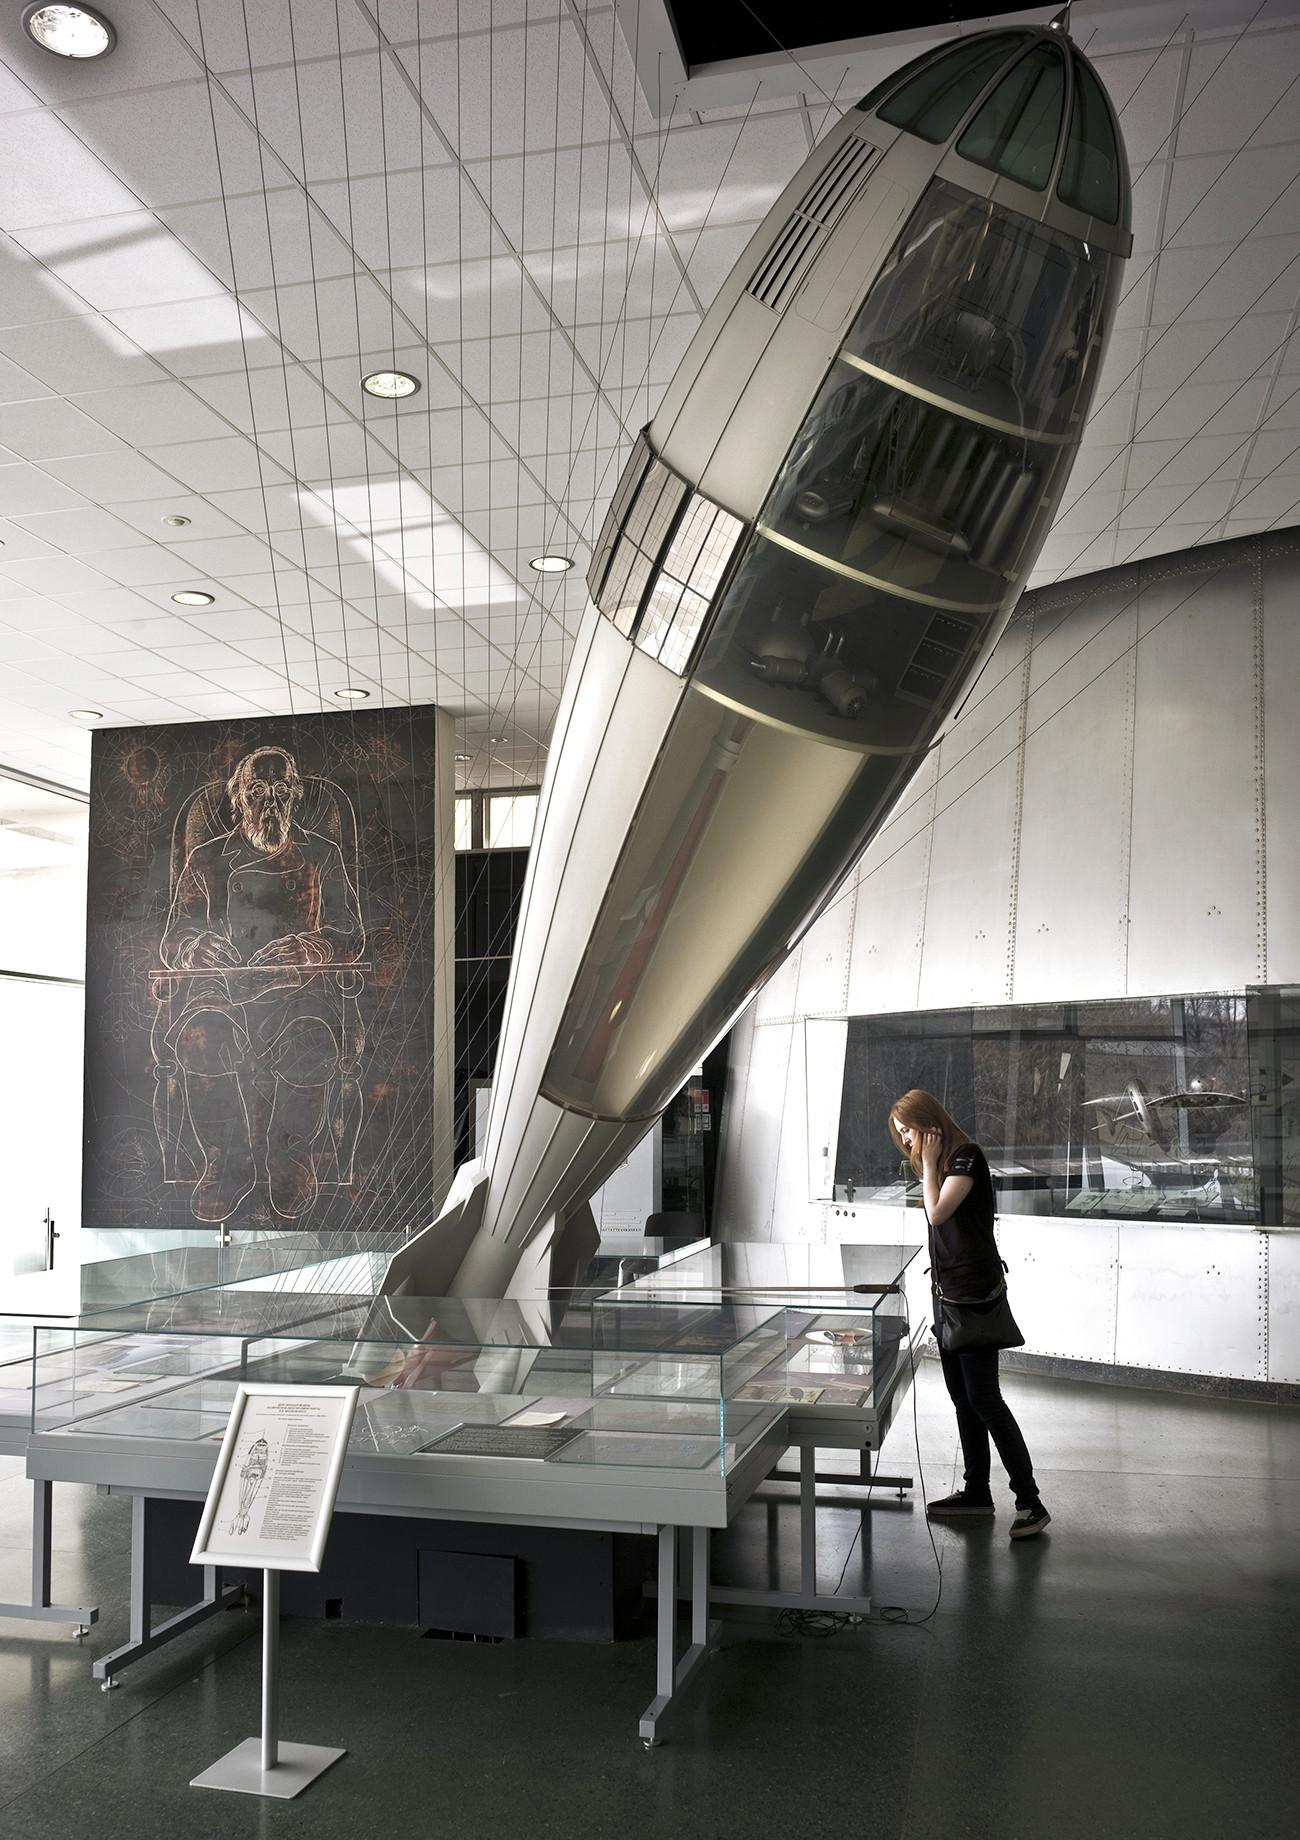 Delujoč model pilotske vesoljske rakete Konstantina Ciolkovskega v Državnem muzeju za zgodovino kozmonavtike Ciolkovskega v Kalugi